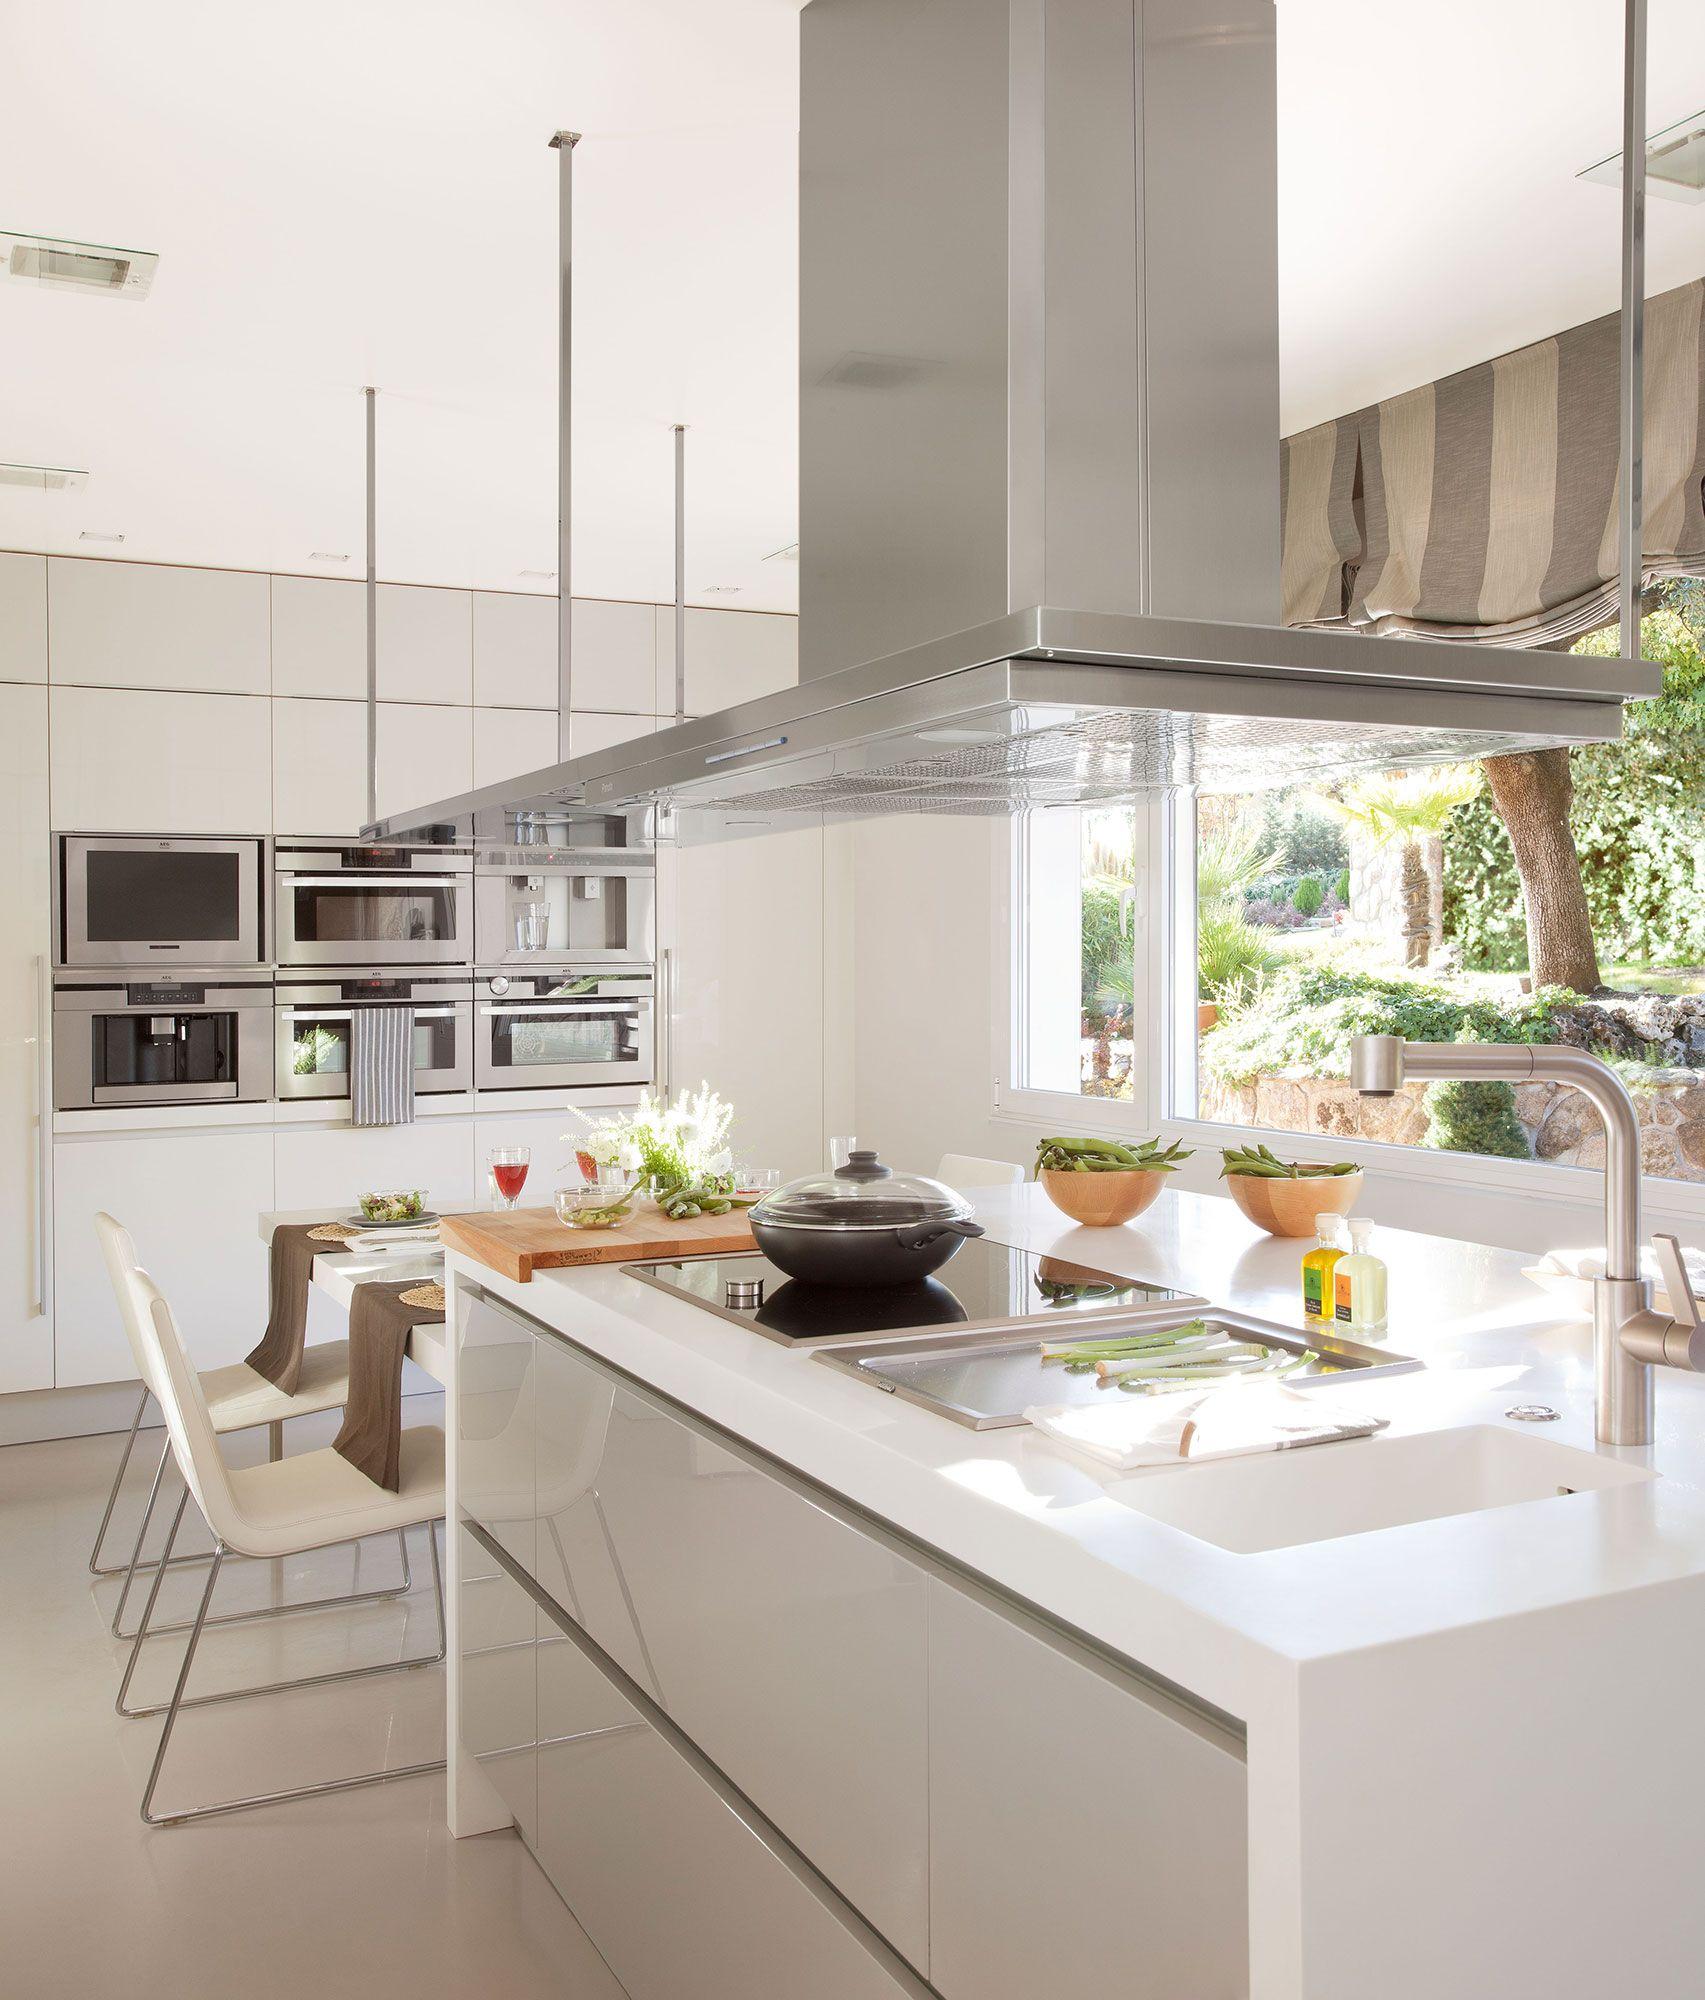 Cocina de dise o moderno con isla en blanco y gris for Cocinas pequenas disenos modernos